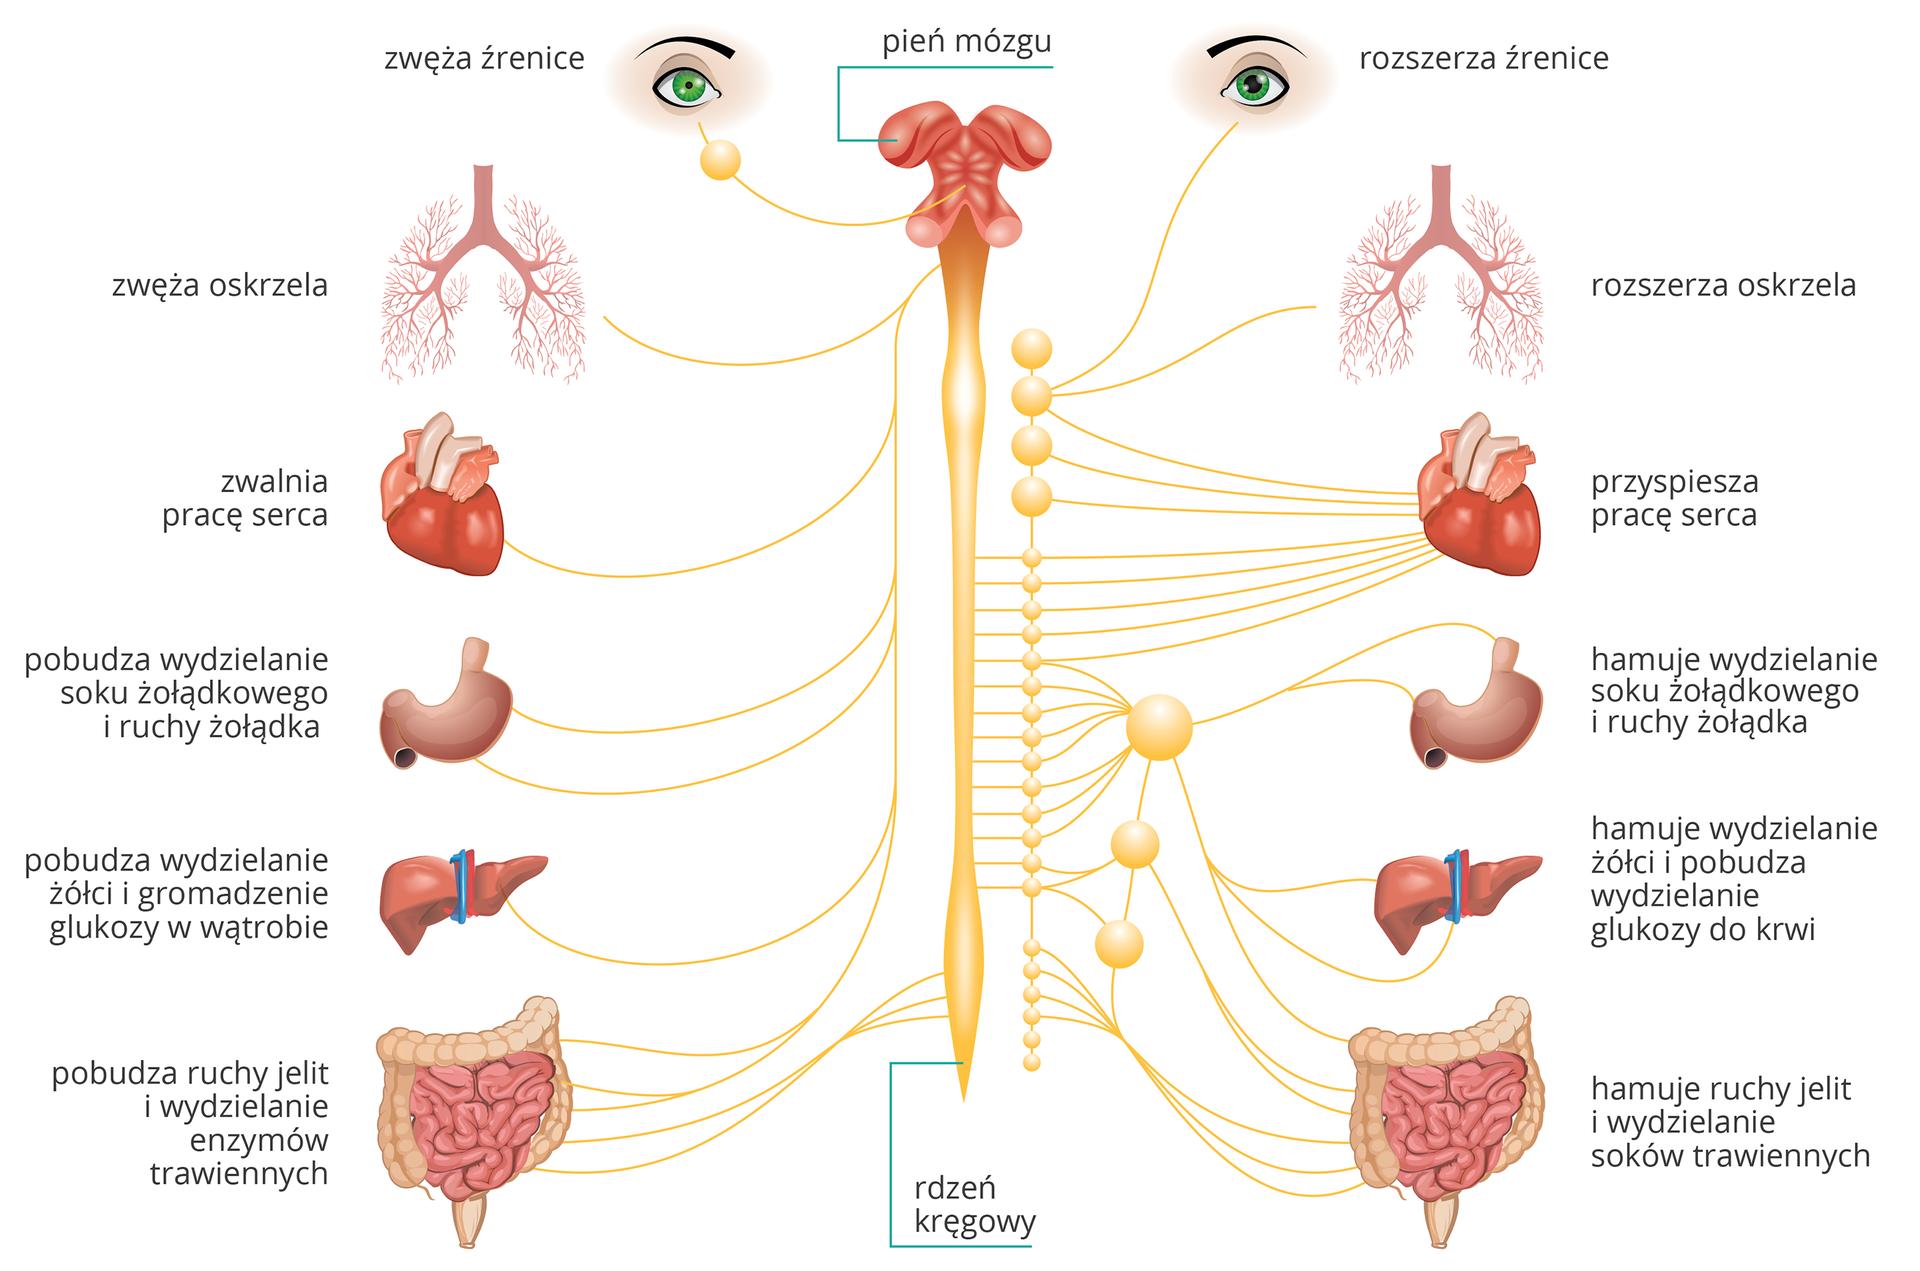 Ilustracja przedstawia schemat przeciwstawnego działania układu współczulnego iprzywspółczulnego. Wcentrum pionowo czerwony pień mózgu iżółty rdzeń kręgowy. Od niego odchodzą żółte nerwy do zwojów inarządów. Zlewej część przywspółczulna, zprawej współczulna autonomicznego układu nerwowego. Jak układ przywspółczulny zwęża (na przykład źrenice lub oskrzela), to drugi je rozszerza. Jak przywspółczulny zwalnia pracę serca, to współczulny ją przyspiesza. Jak jeden pobudza (na przykład pracę układu pokarmowego), to współczulny ją hamuje.